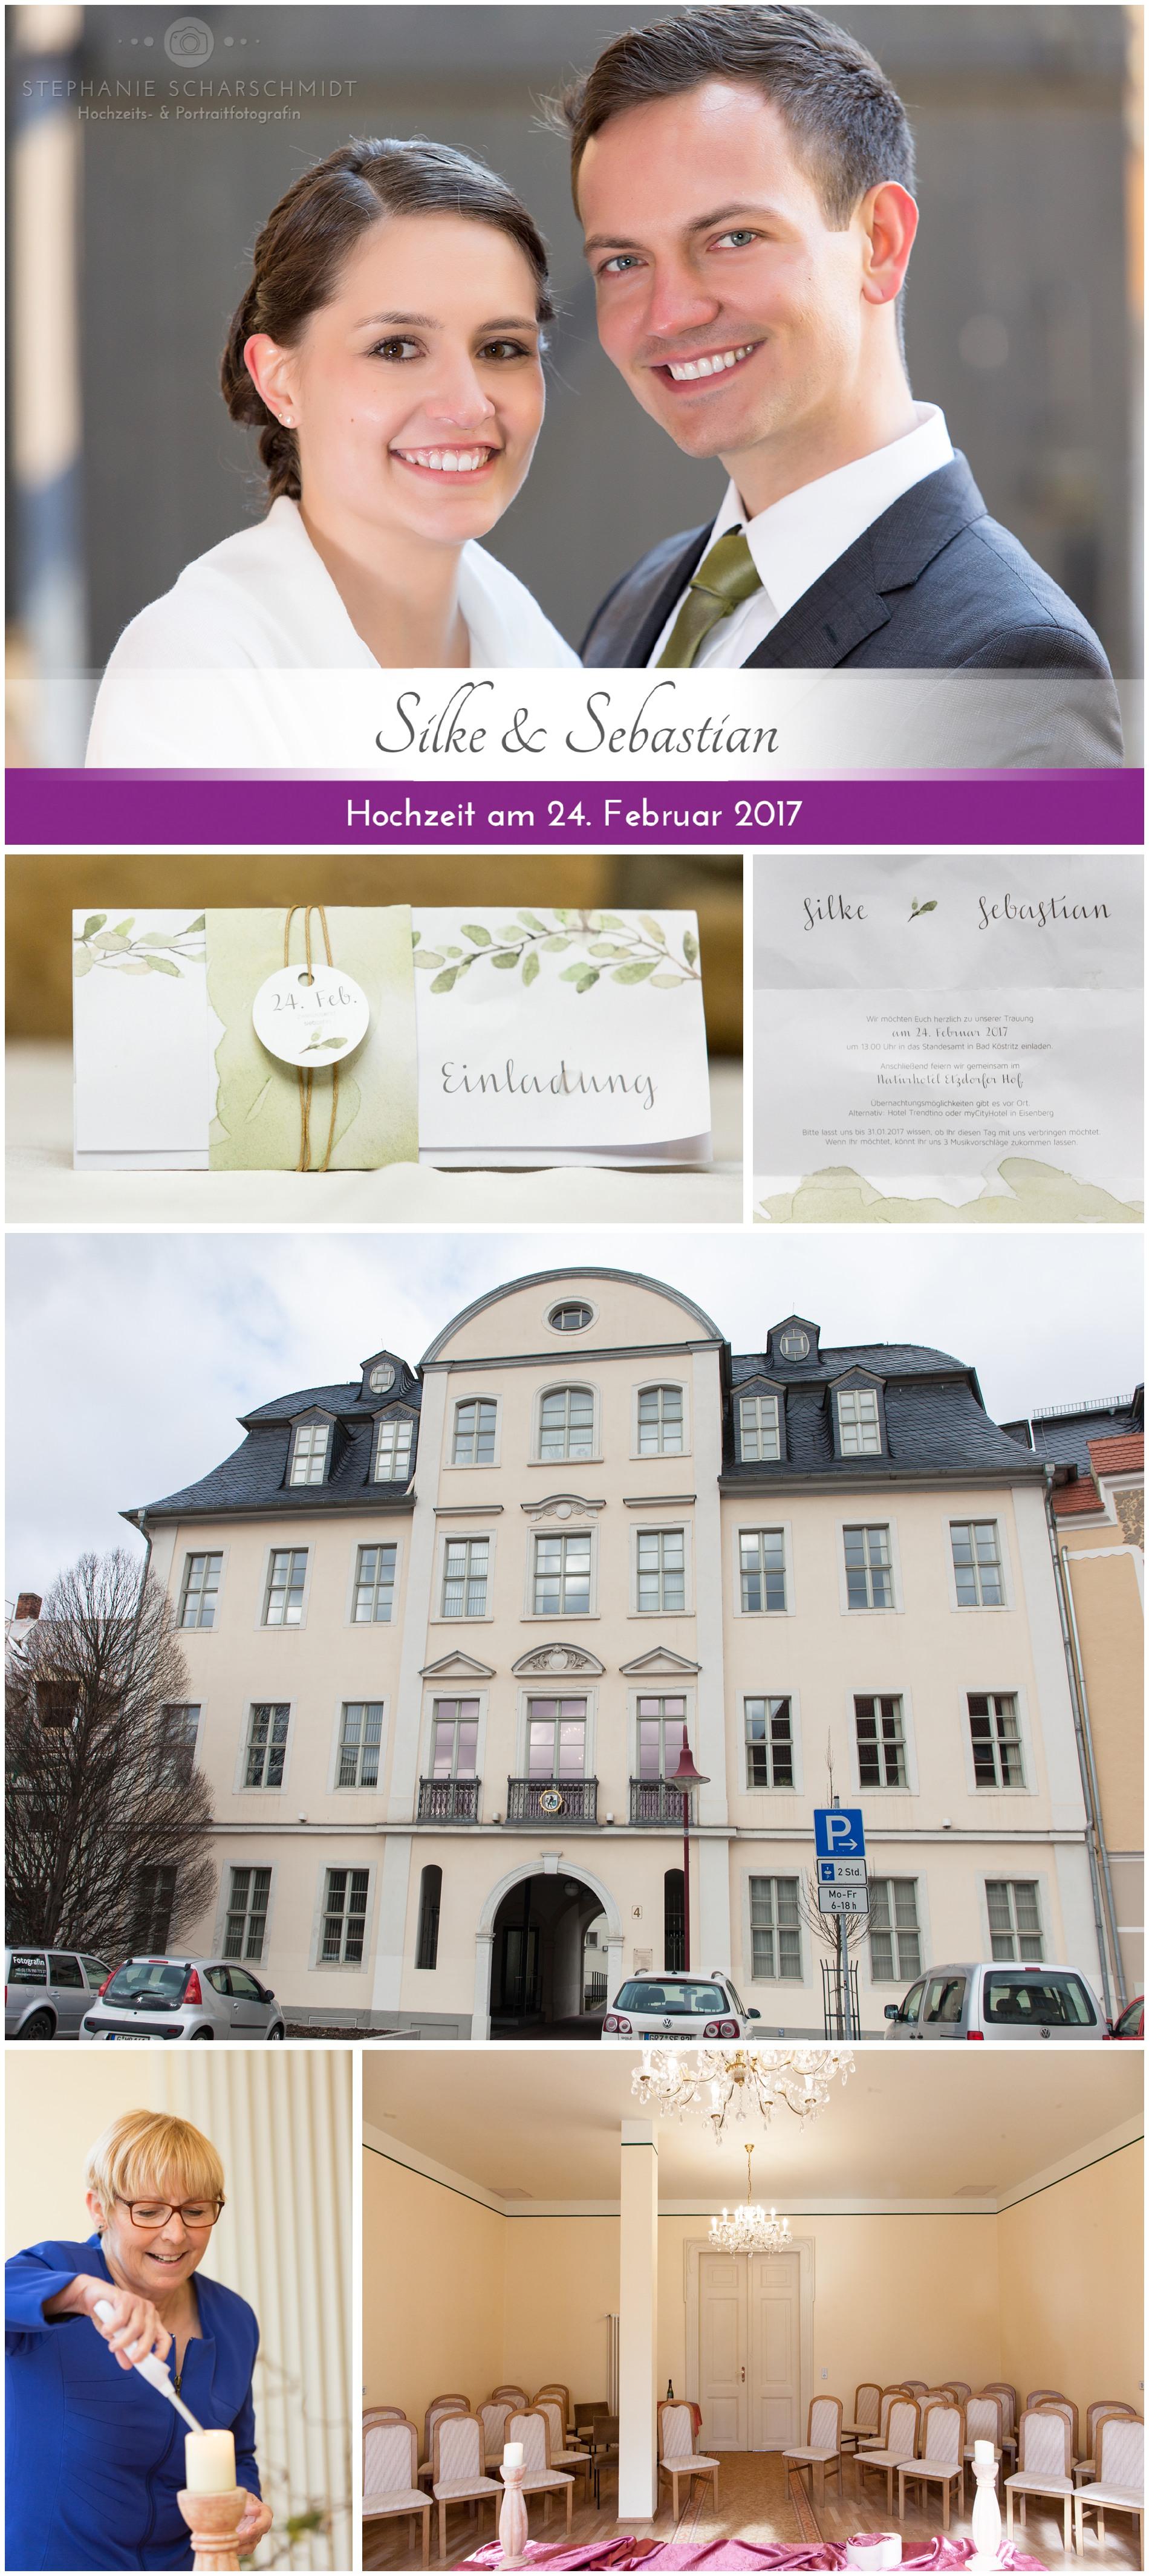 01 – romantische Winterhochzeit Gera – Hochzeitsfotograf Gera – Hochzeitsfotografin Stephanie Scharschmidt